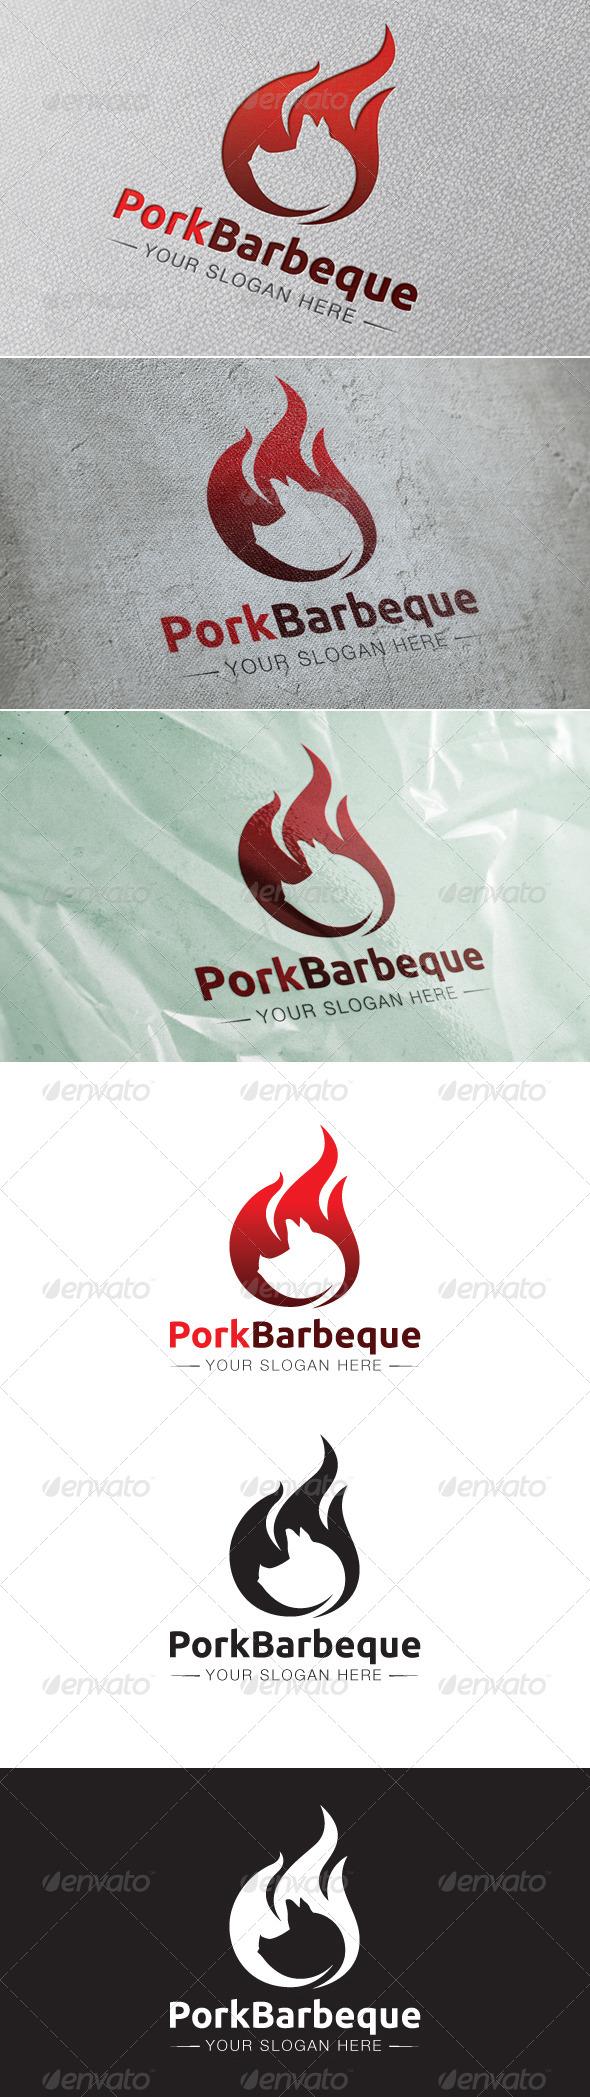 GraphicRiver Pork Barbeque Logo Template 6548340